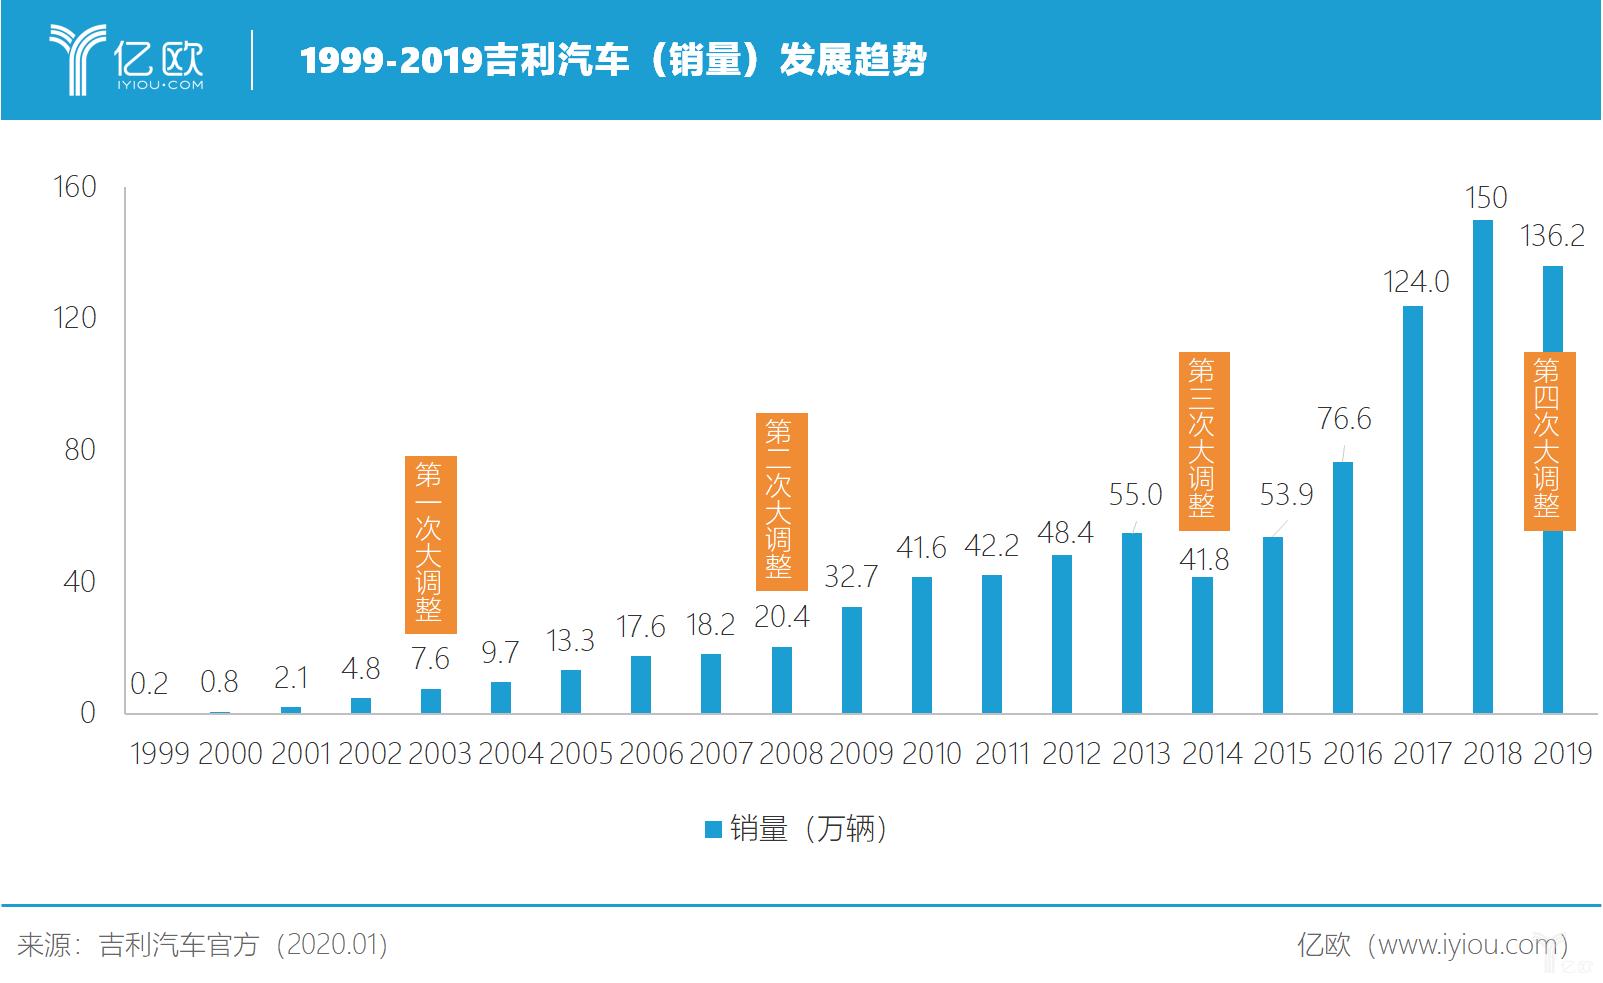 1999-2019吉利汽车销量发展趋势